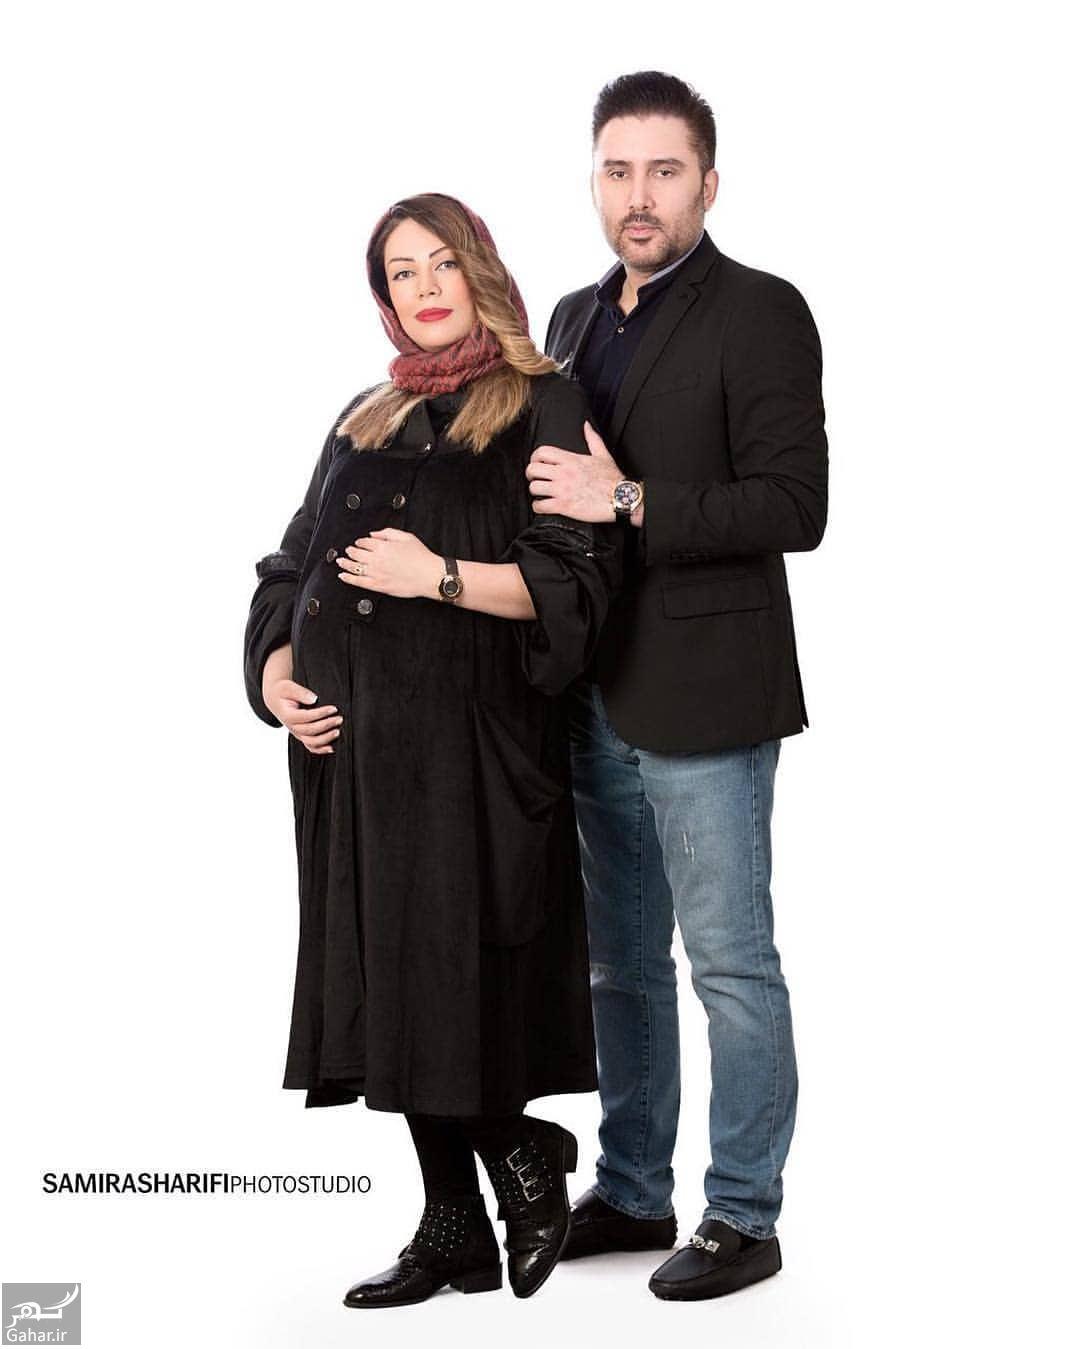 نیما مسیحا پدر می شود + عکس همسرش, جدید 99 -گهر